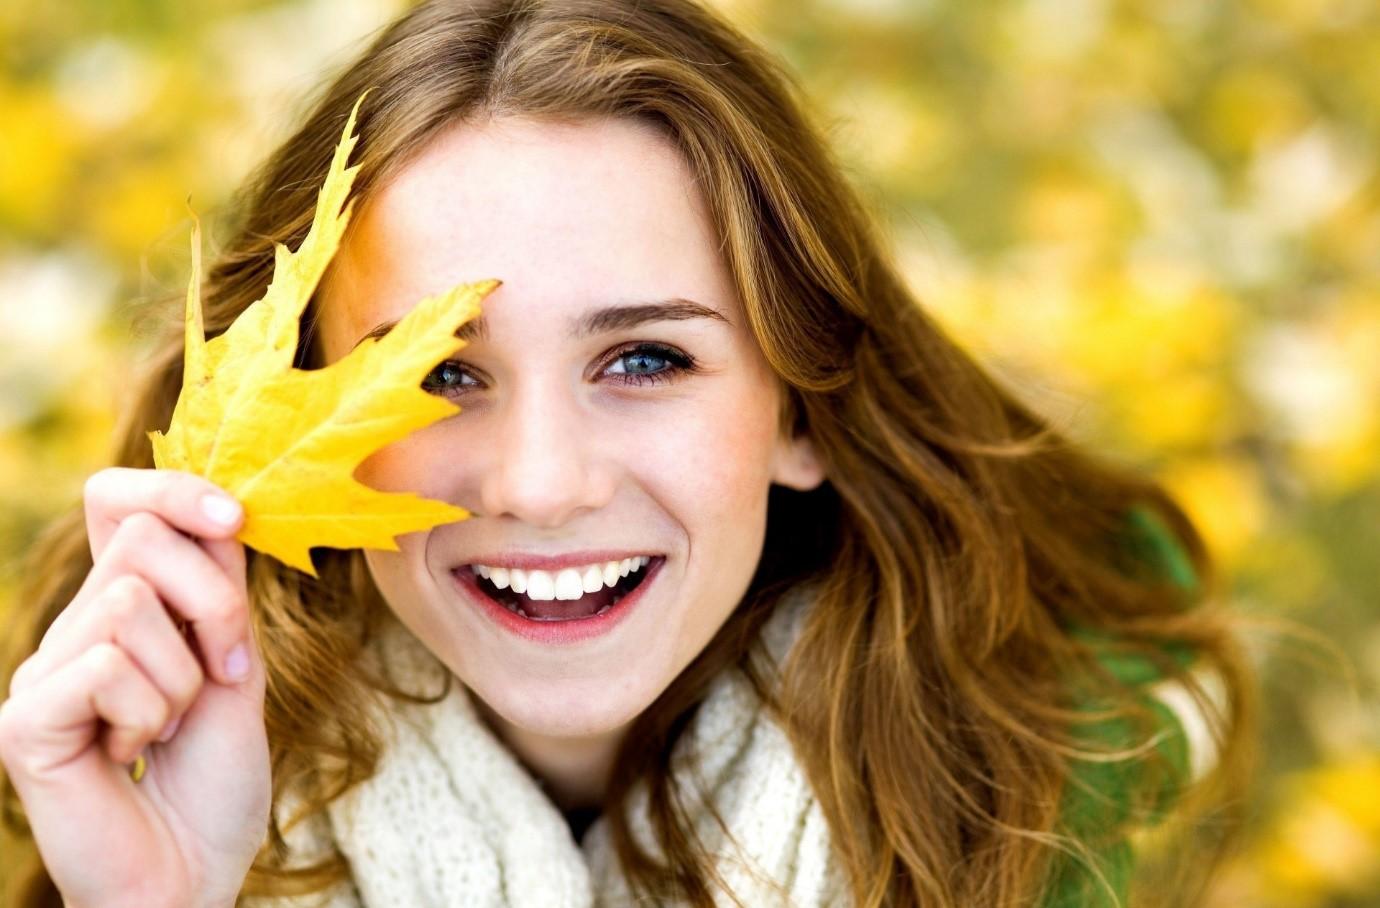 Позитивный настрой пациента – важная составляющая терапии против фронтита.